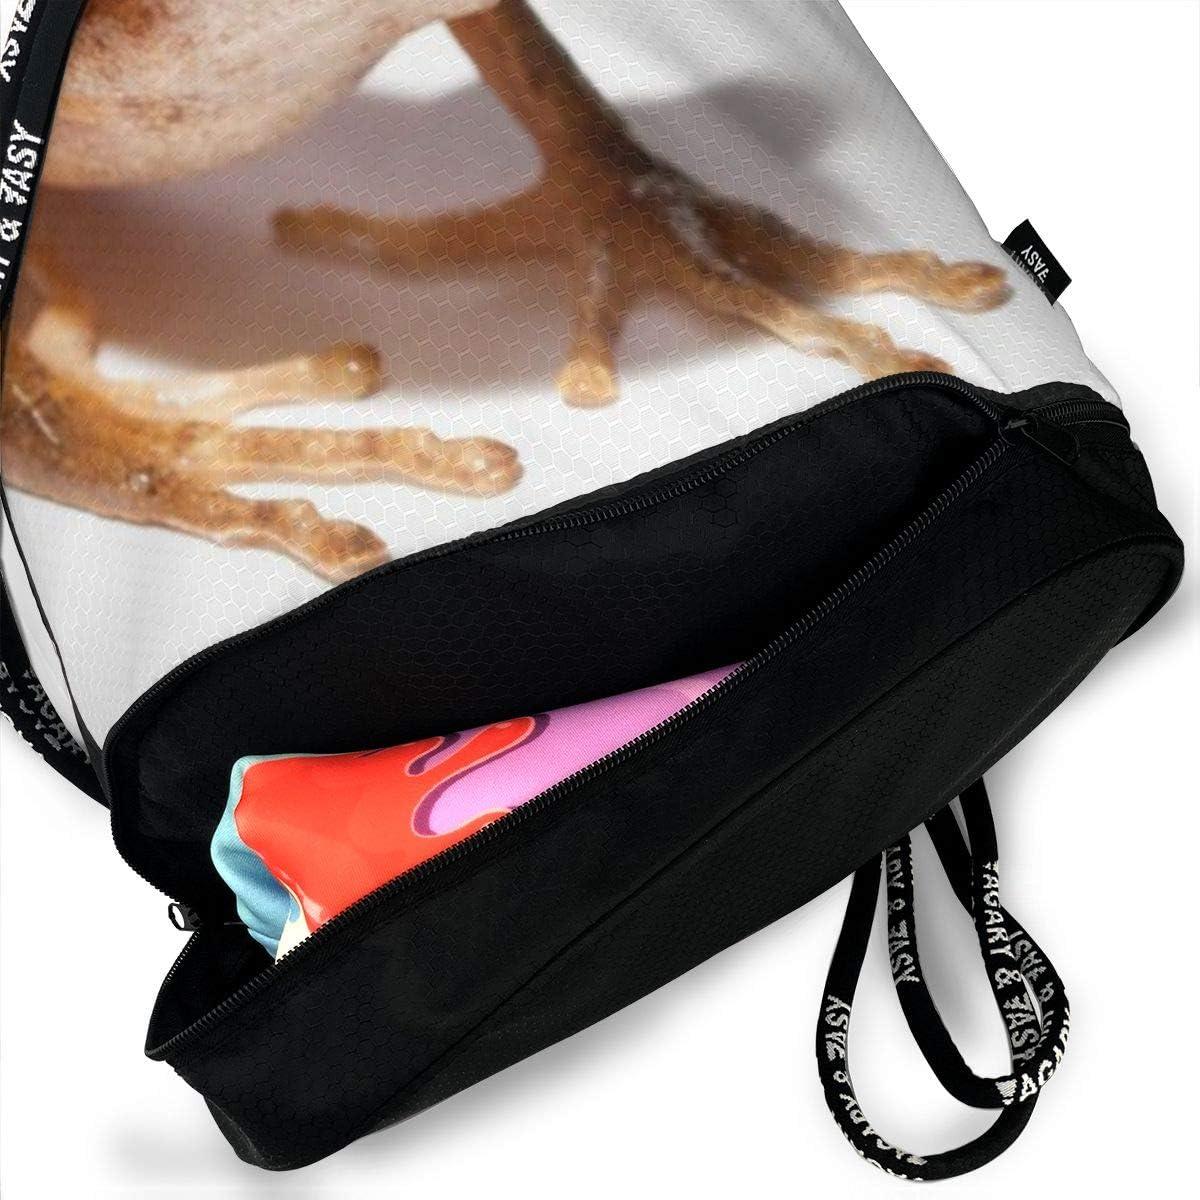 GymSack Drawstring Bag Sackpack Horned Frog Sport Cinch Pack Simple Bundle Pocke Backpack For Men Women